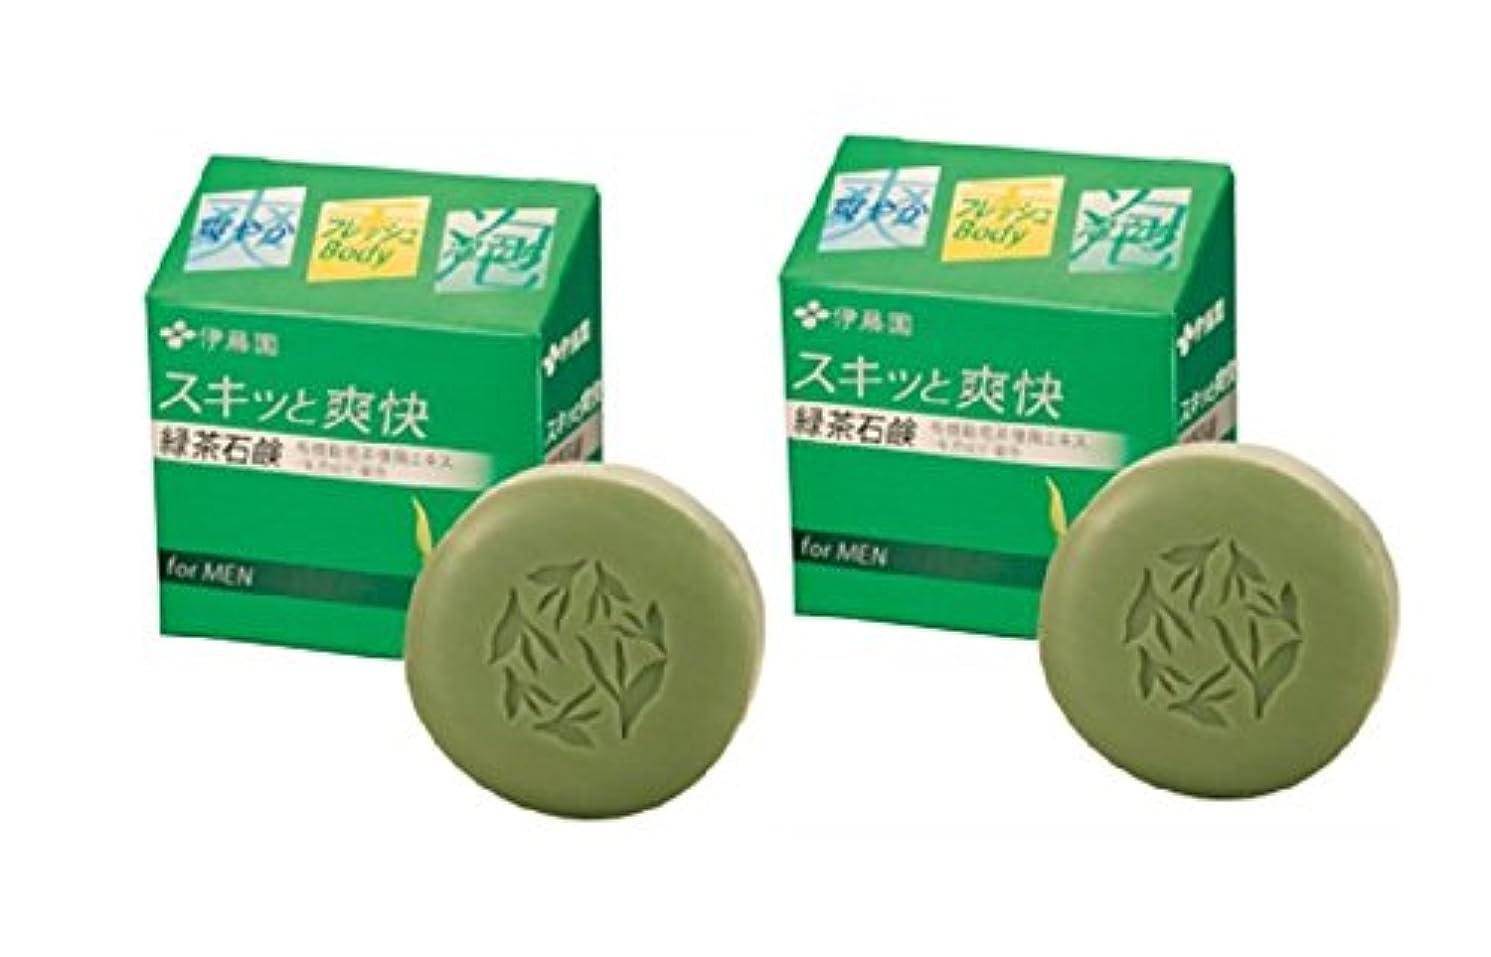 できないディレクター装置伊藤園 スキッと爽快 緑茶石鹸 男性用 80g×2個セット